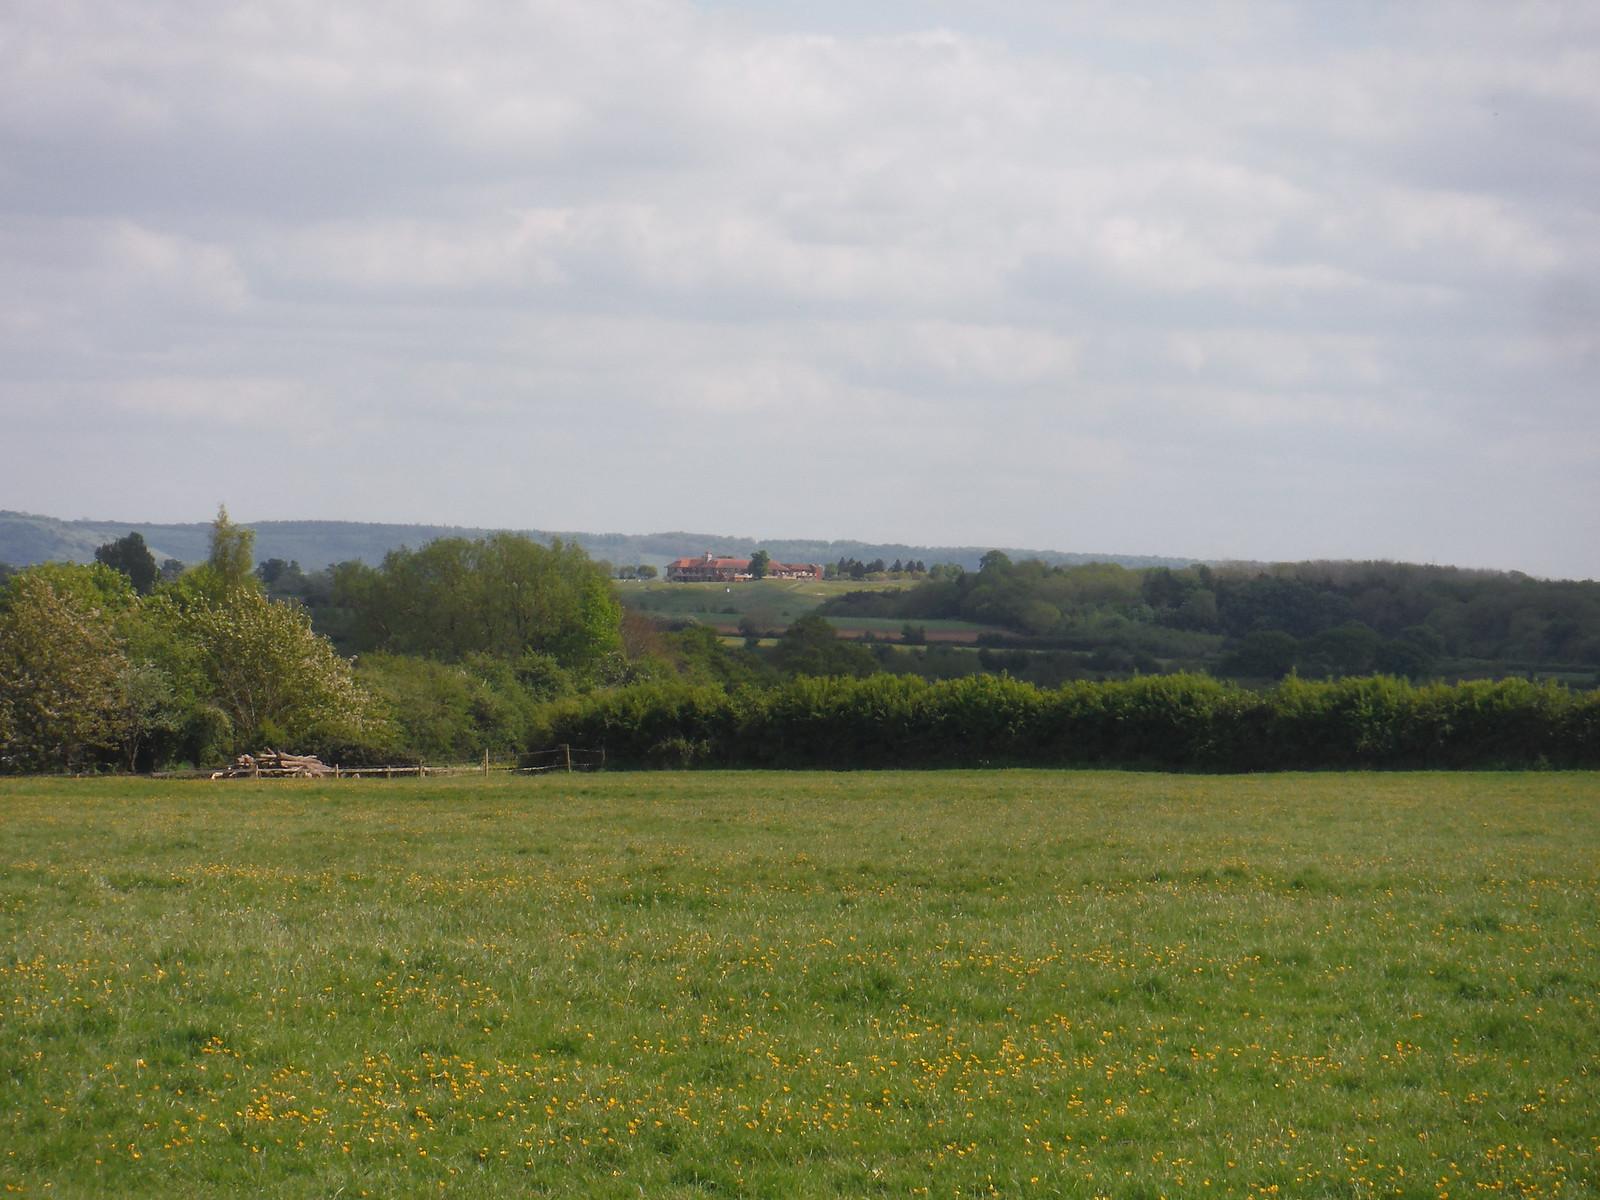 Club House of Oxfordshire Golf Club, from near Shabbington SWC Walk 190 - Thame Circular